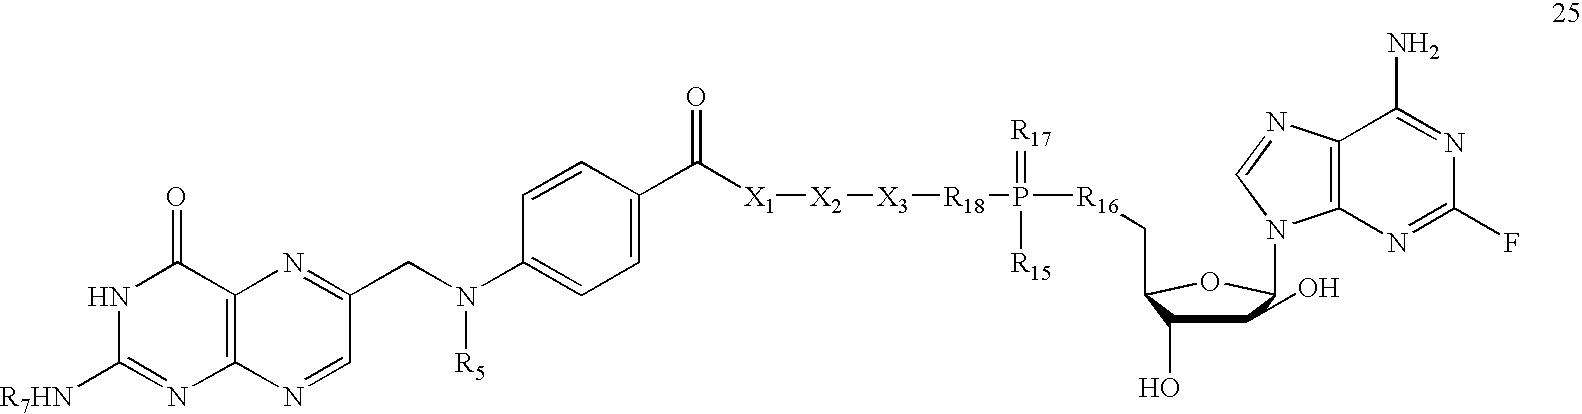 Figure US07833992-20101116-C00027